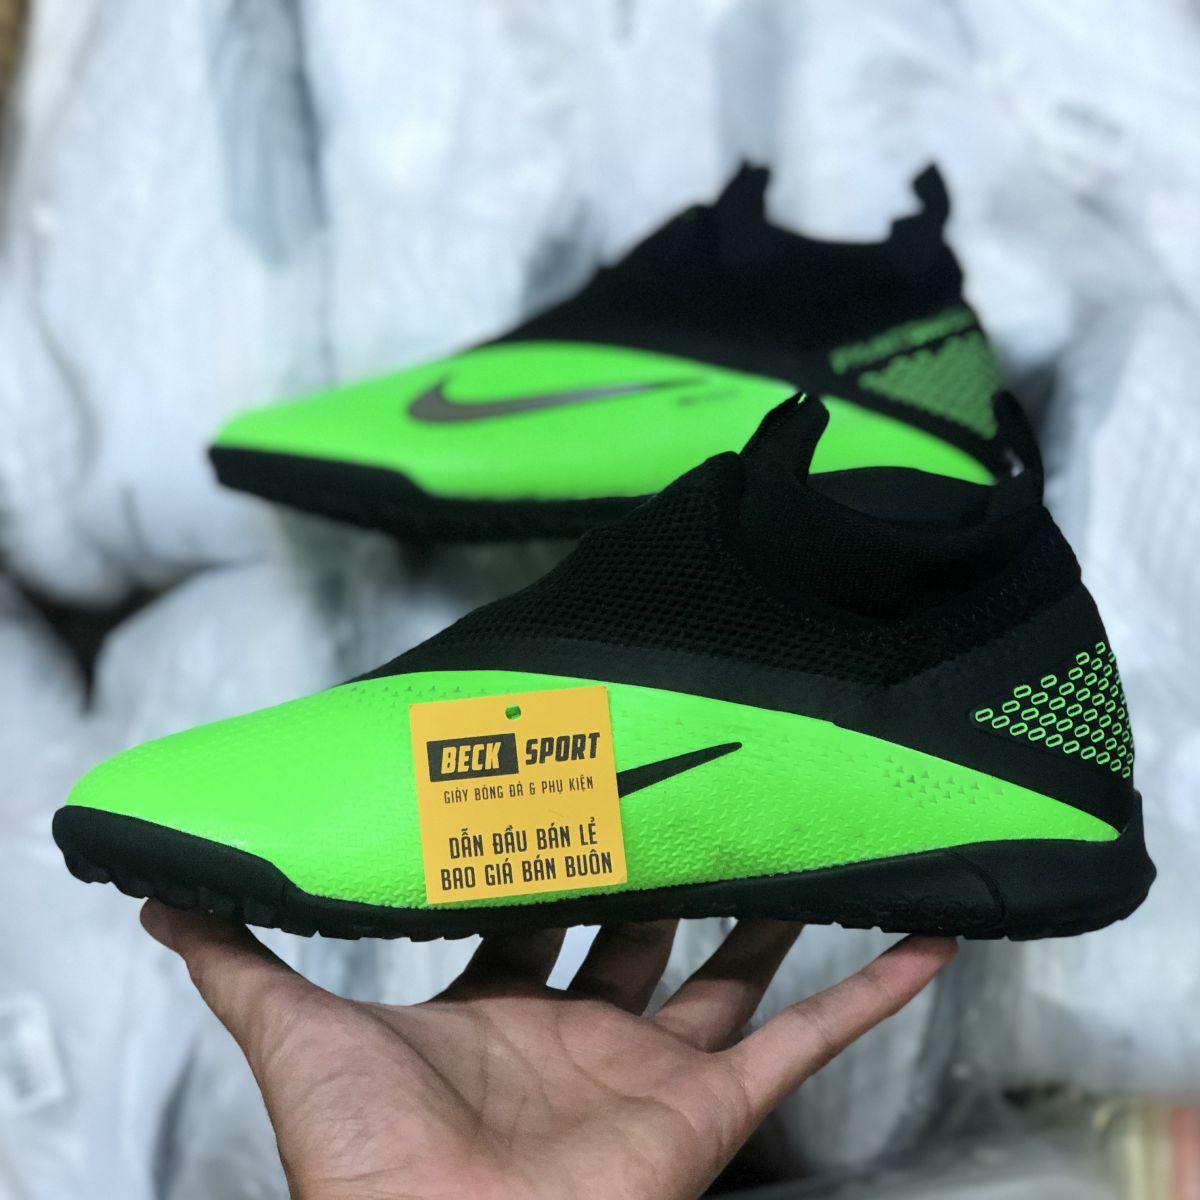 Giày Bóng Đá Nike Phantom VSN II Xanh Lá Gót Đen Cổ Cao Giấu Dây TF